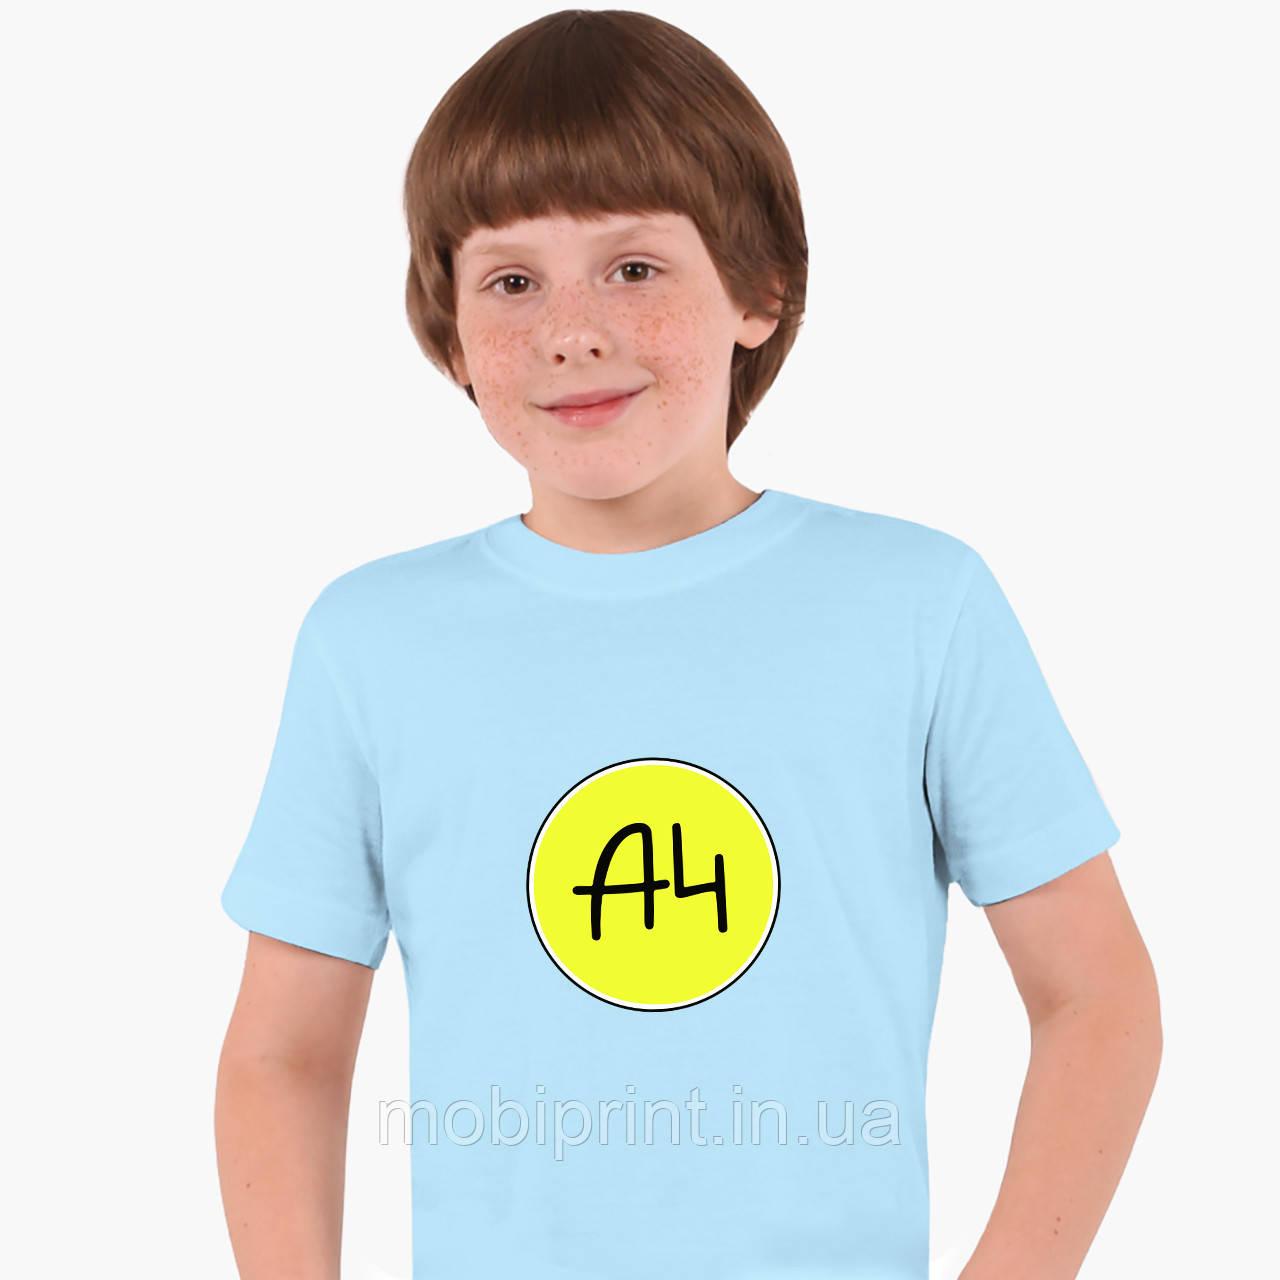 Детская футболка для мальчиков блогер Влад Бумага А4 (blogger Vlad A4) (25186-2620) Голубой